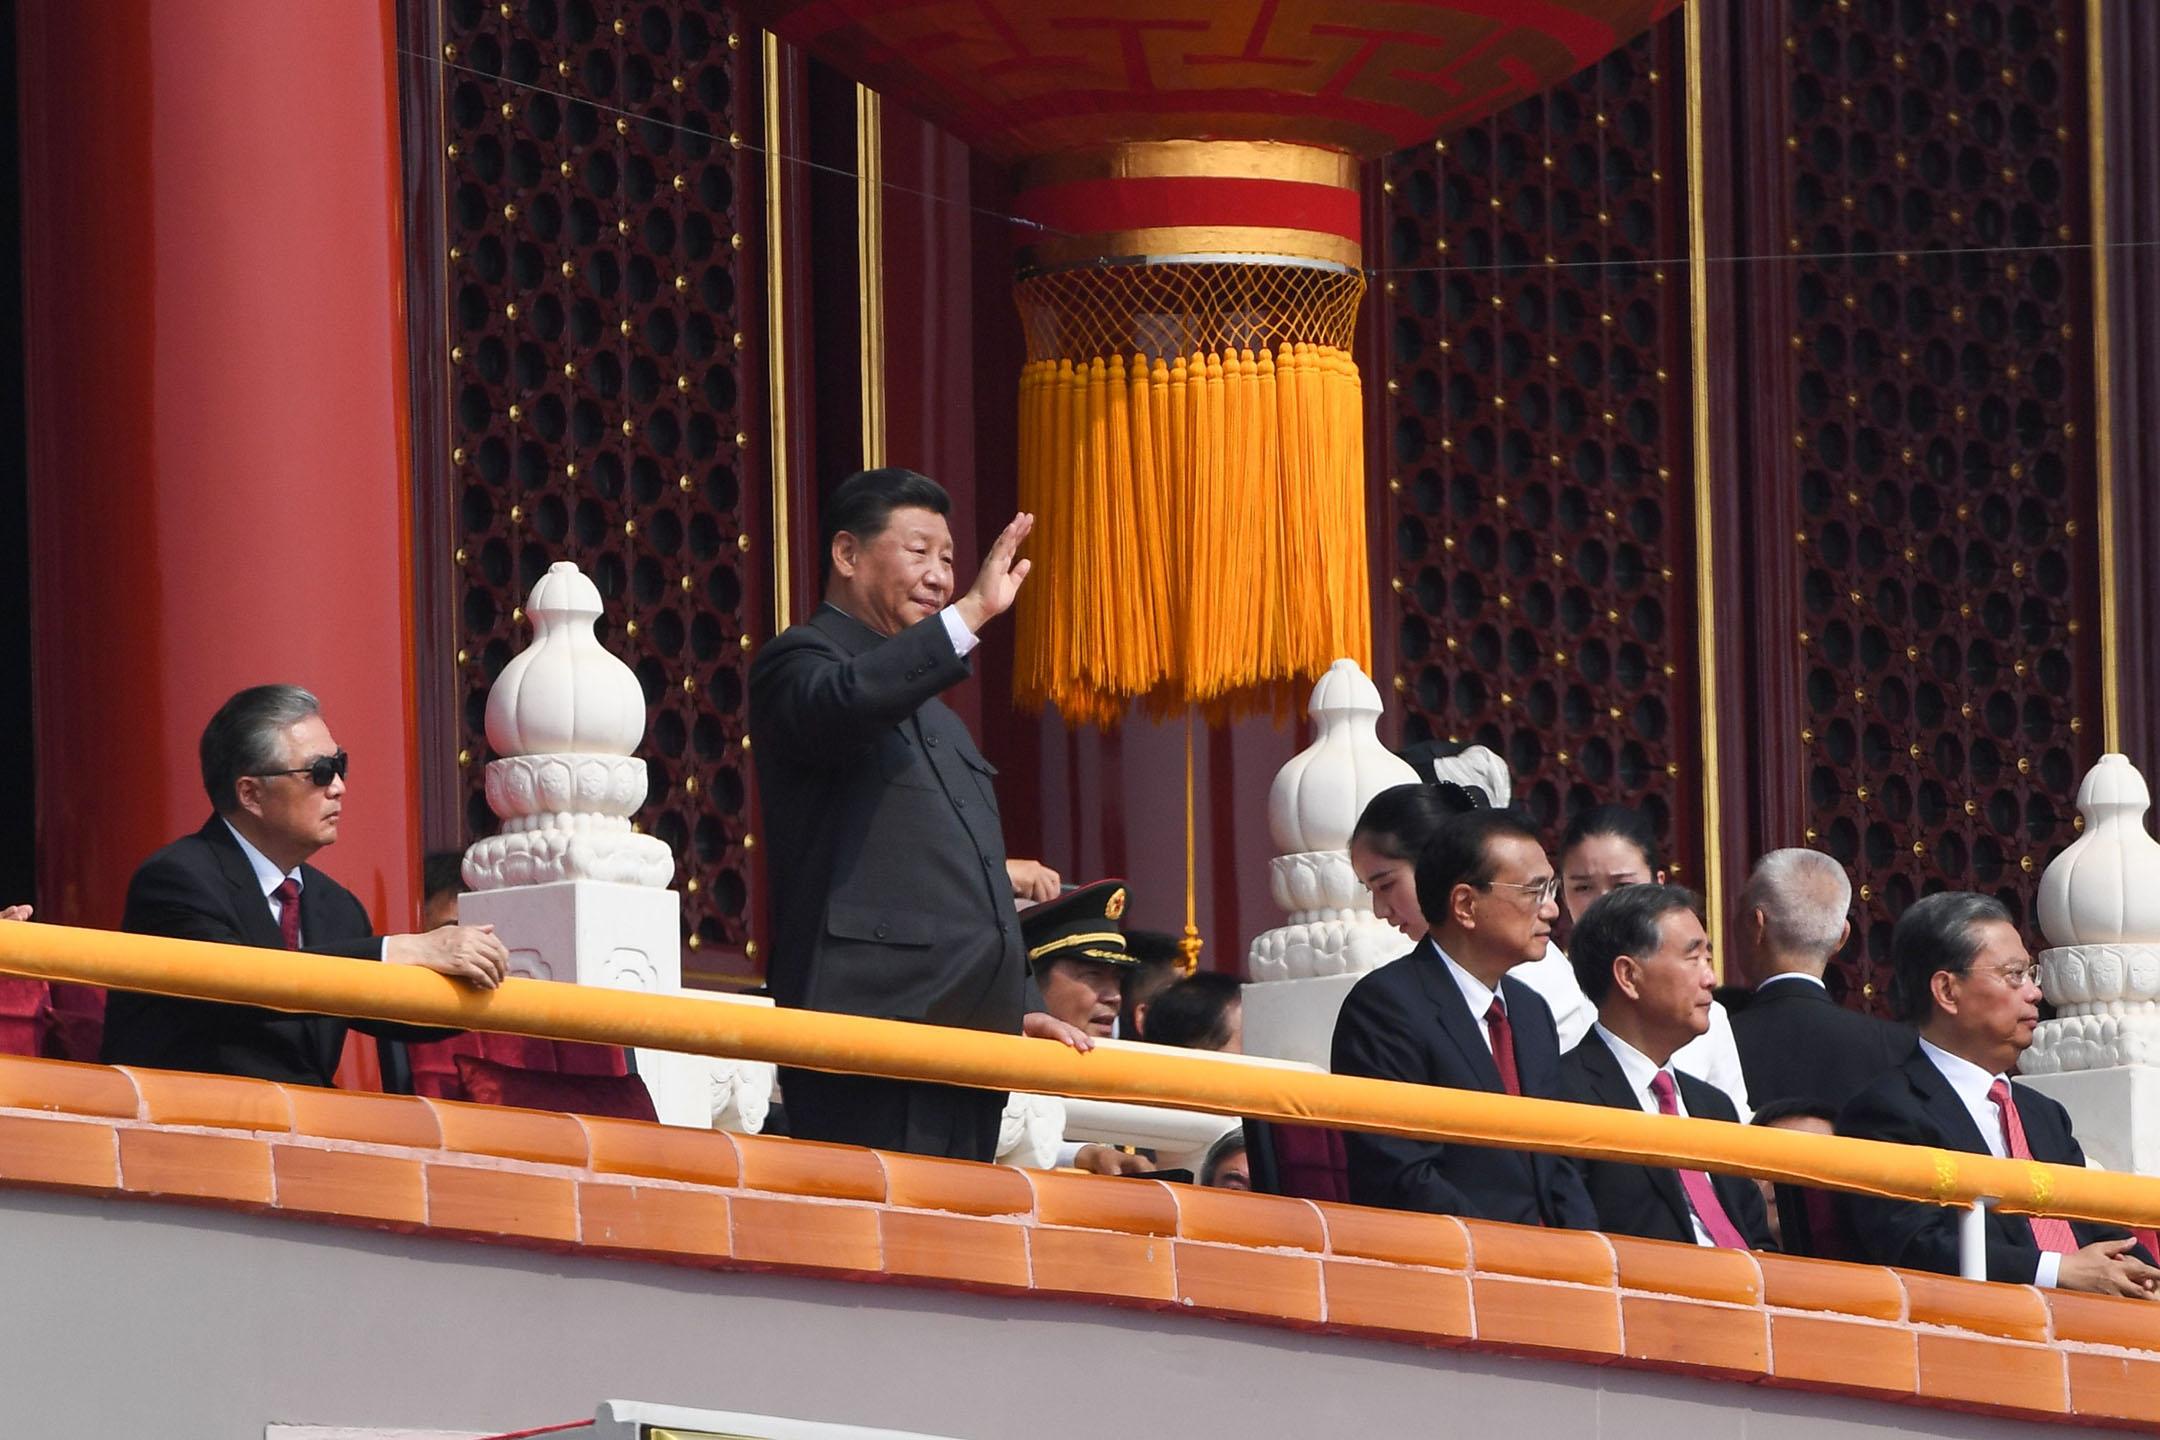 10月1日,中華人民共和國建國70週年紀念日,習近平主席出席閱兵儀式及慶典。 攝:GREG BAKER/AFP/Getty Images